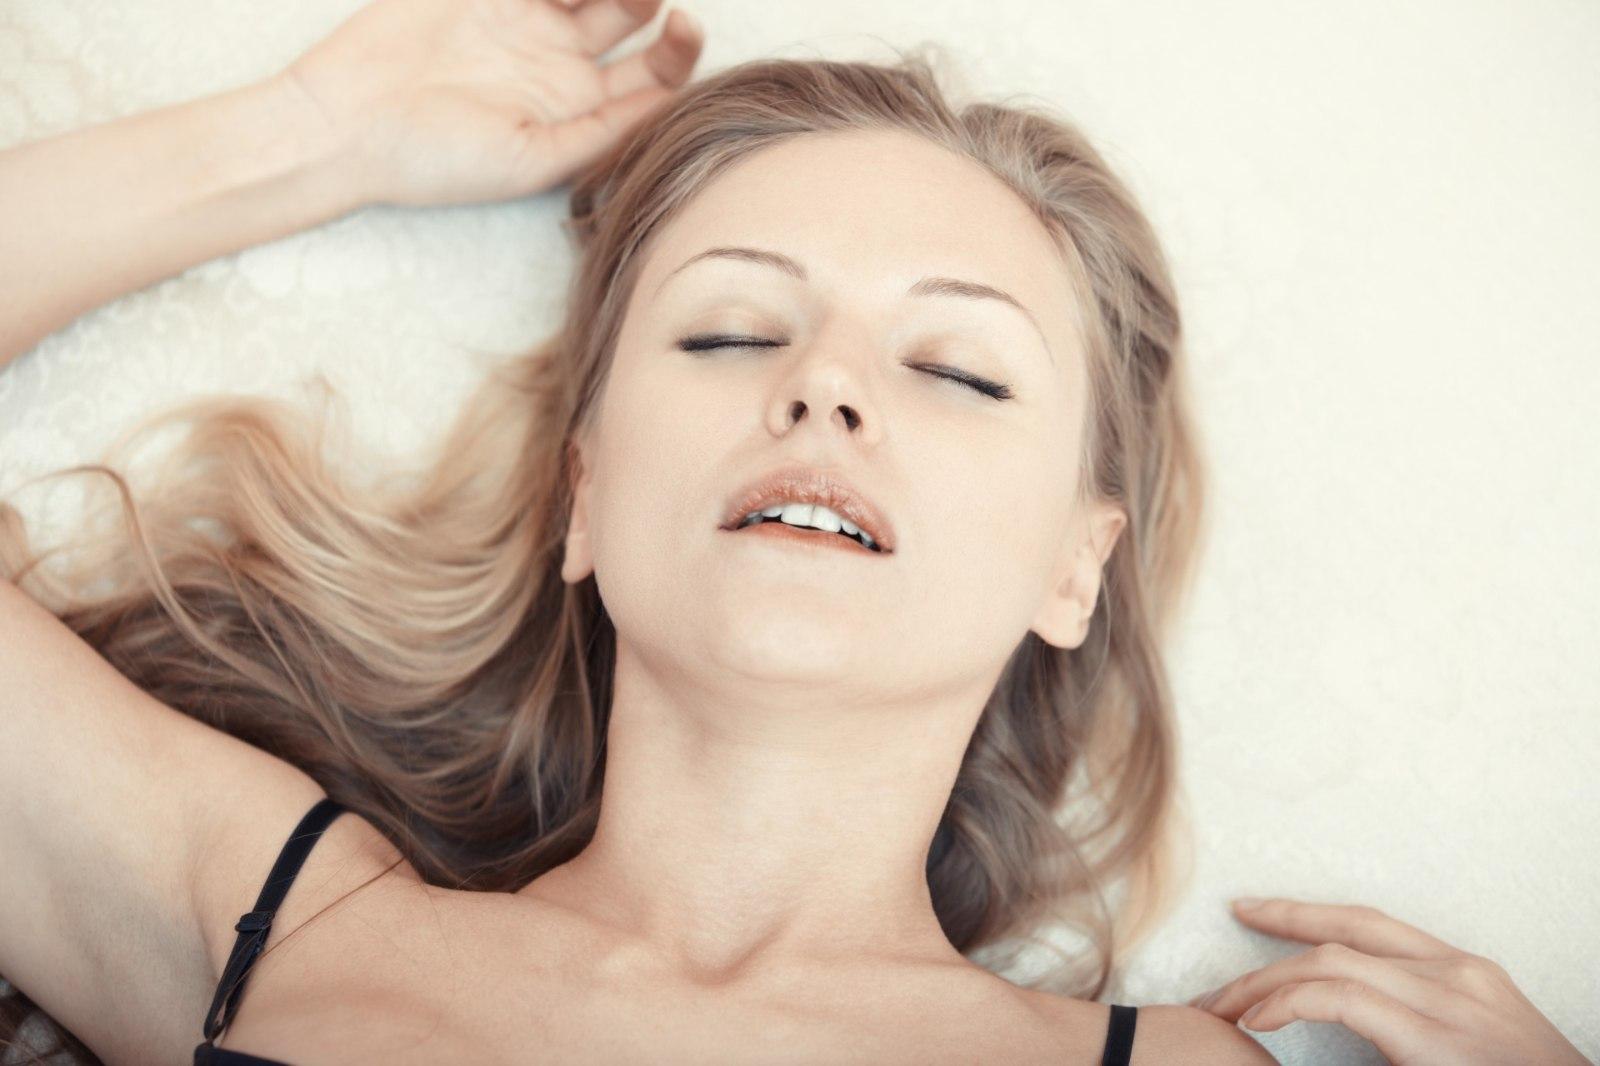 Как правильно сделать чтобы доставить удовольствие девушки